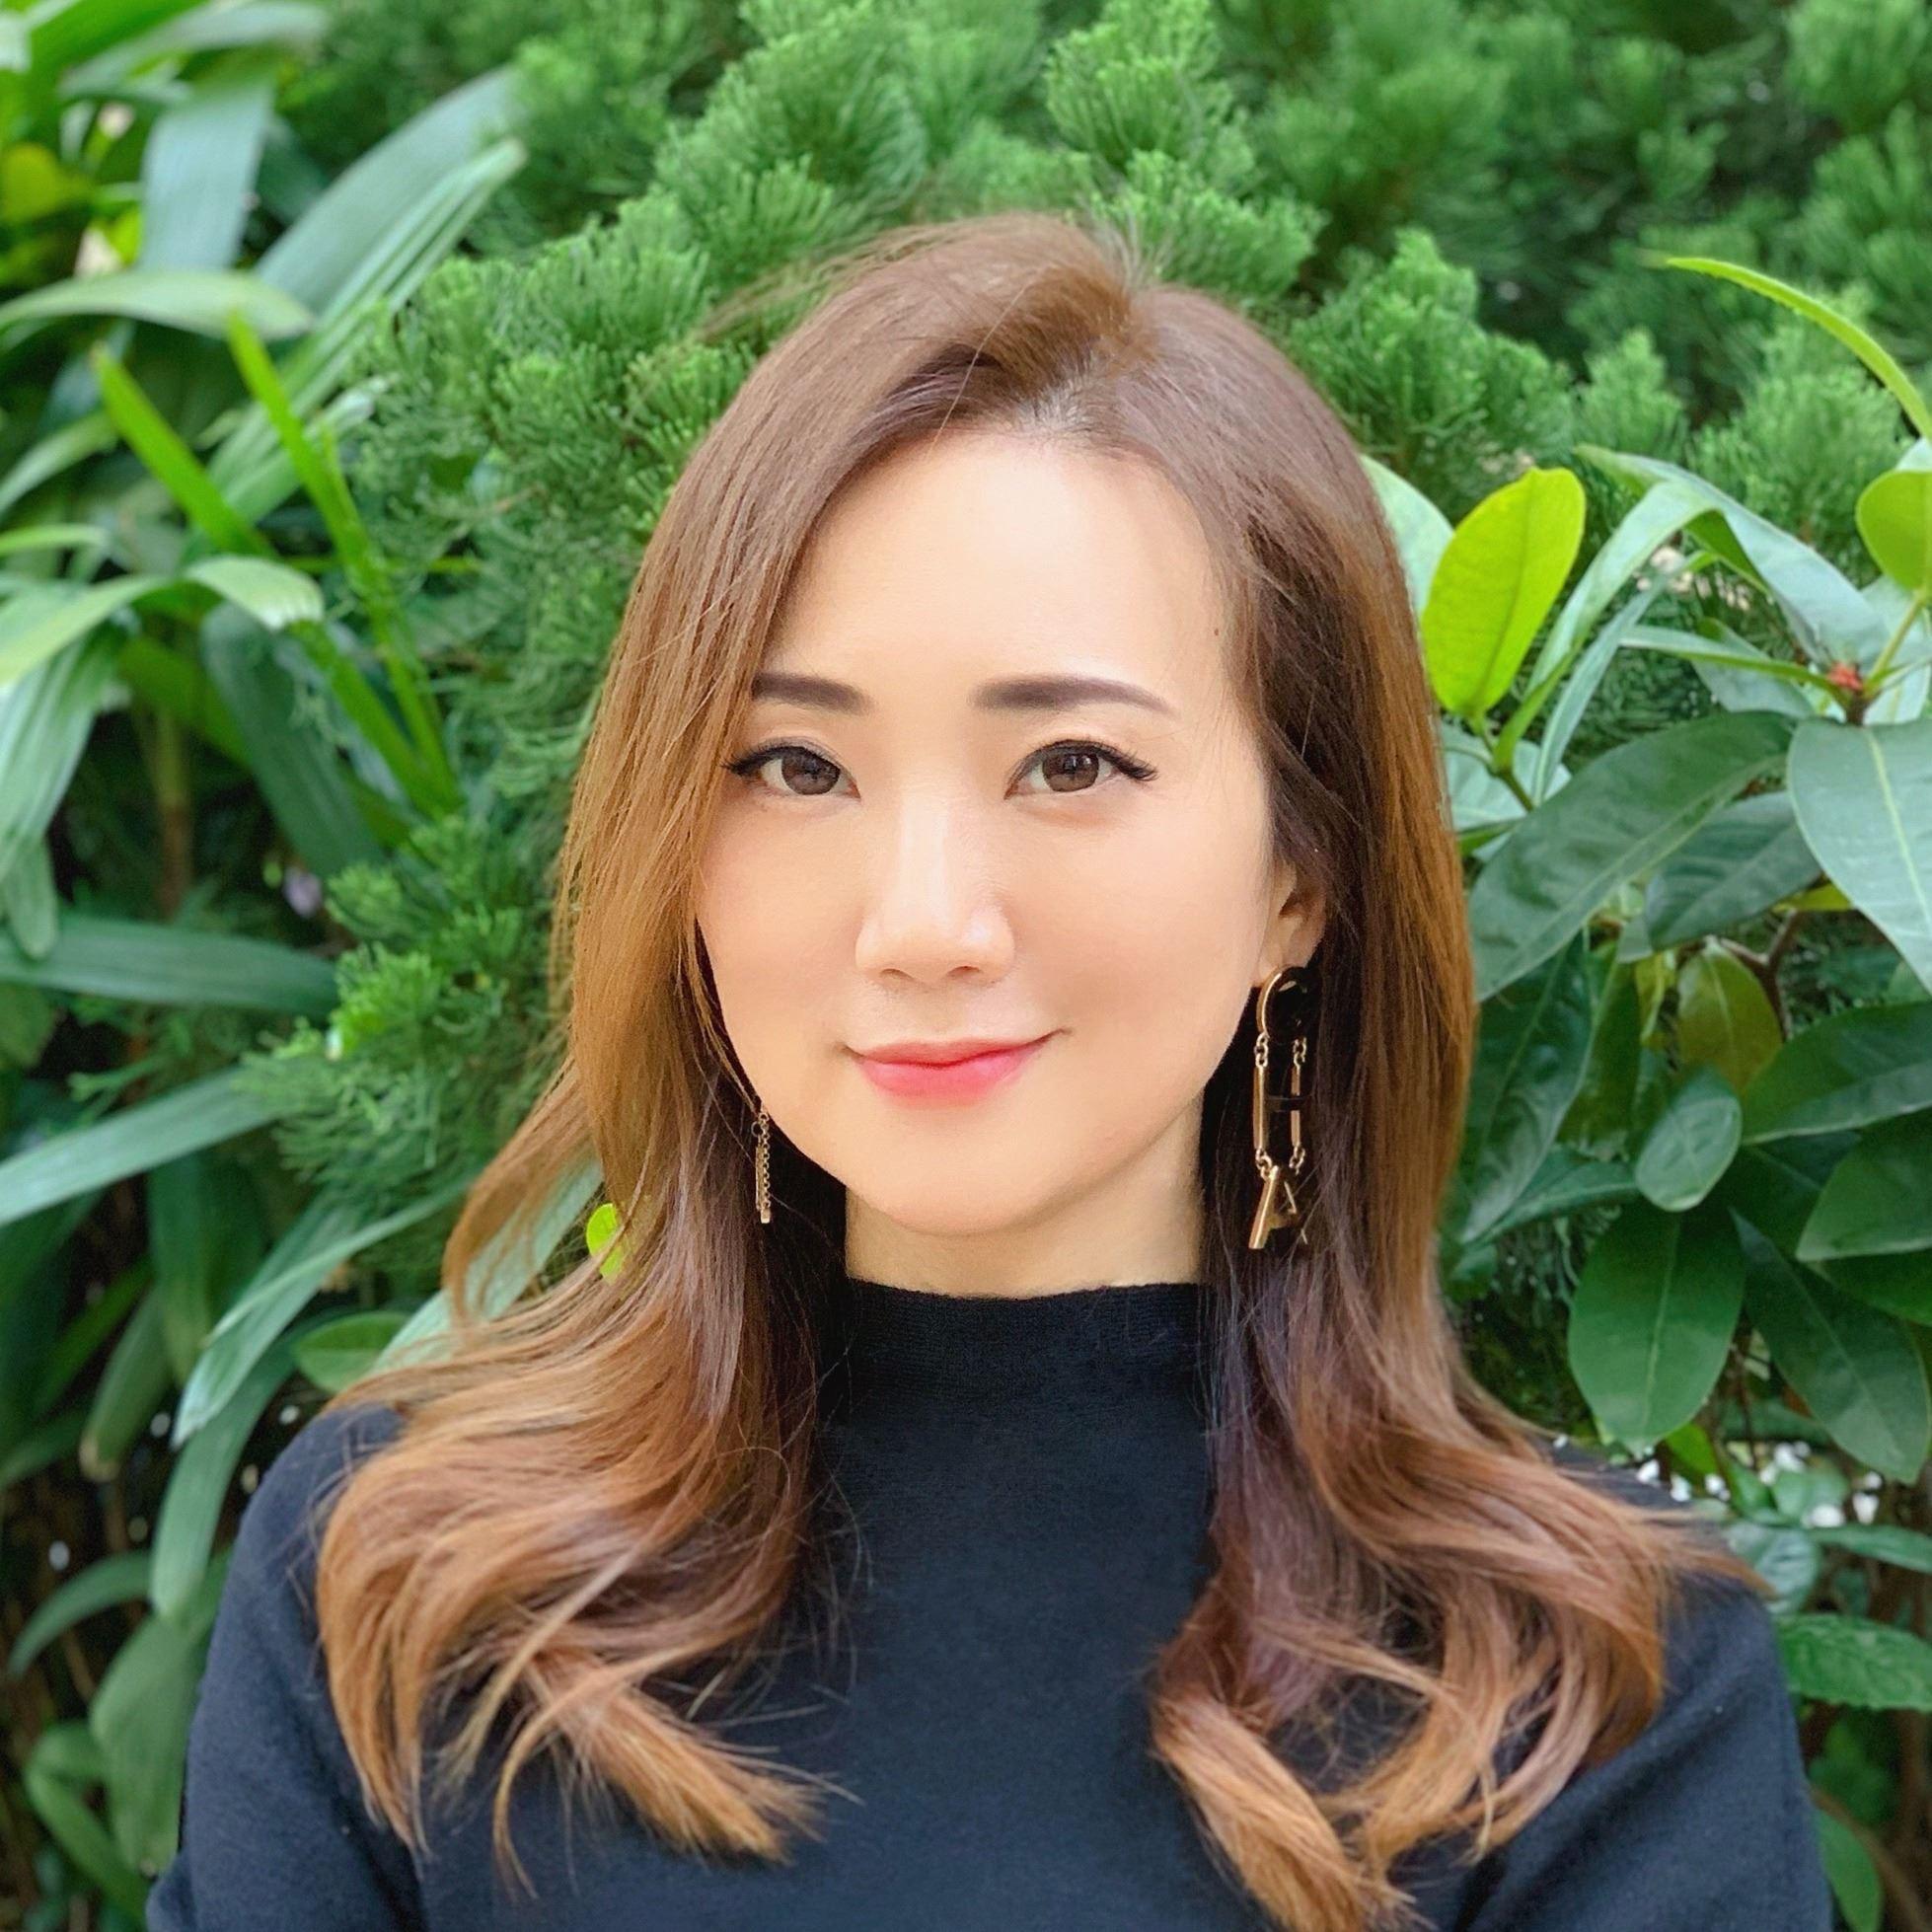 Charlene Ree